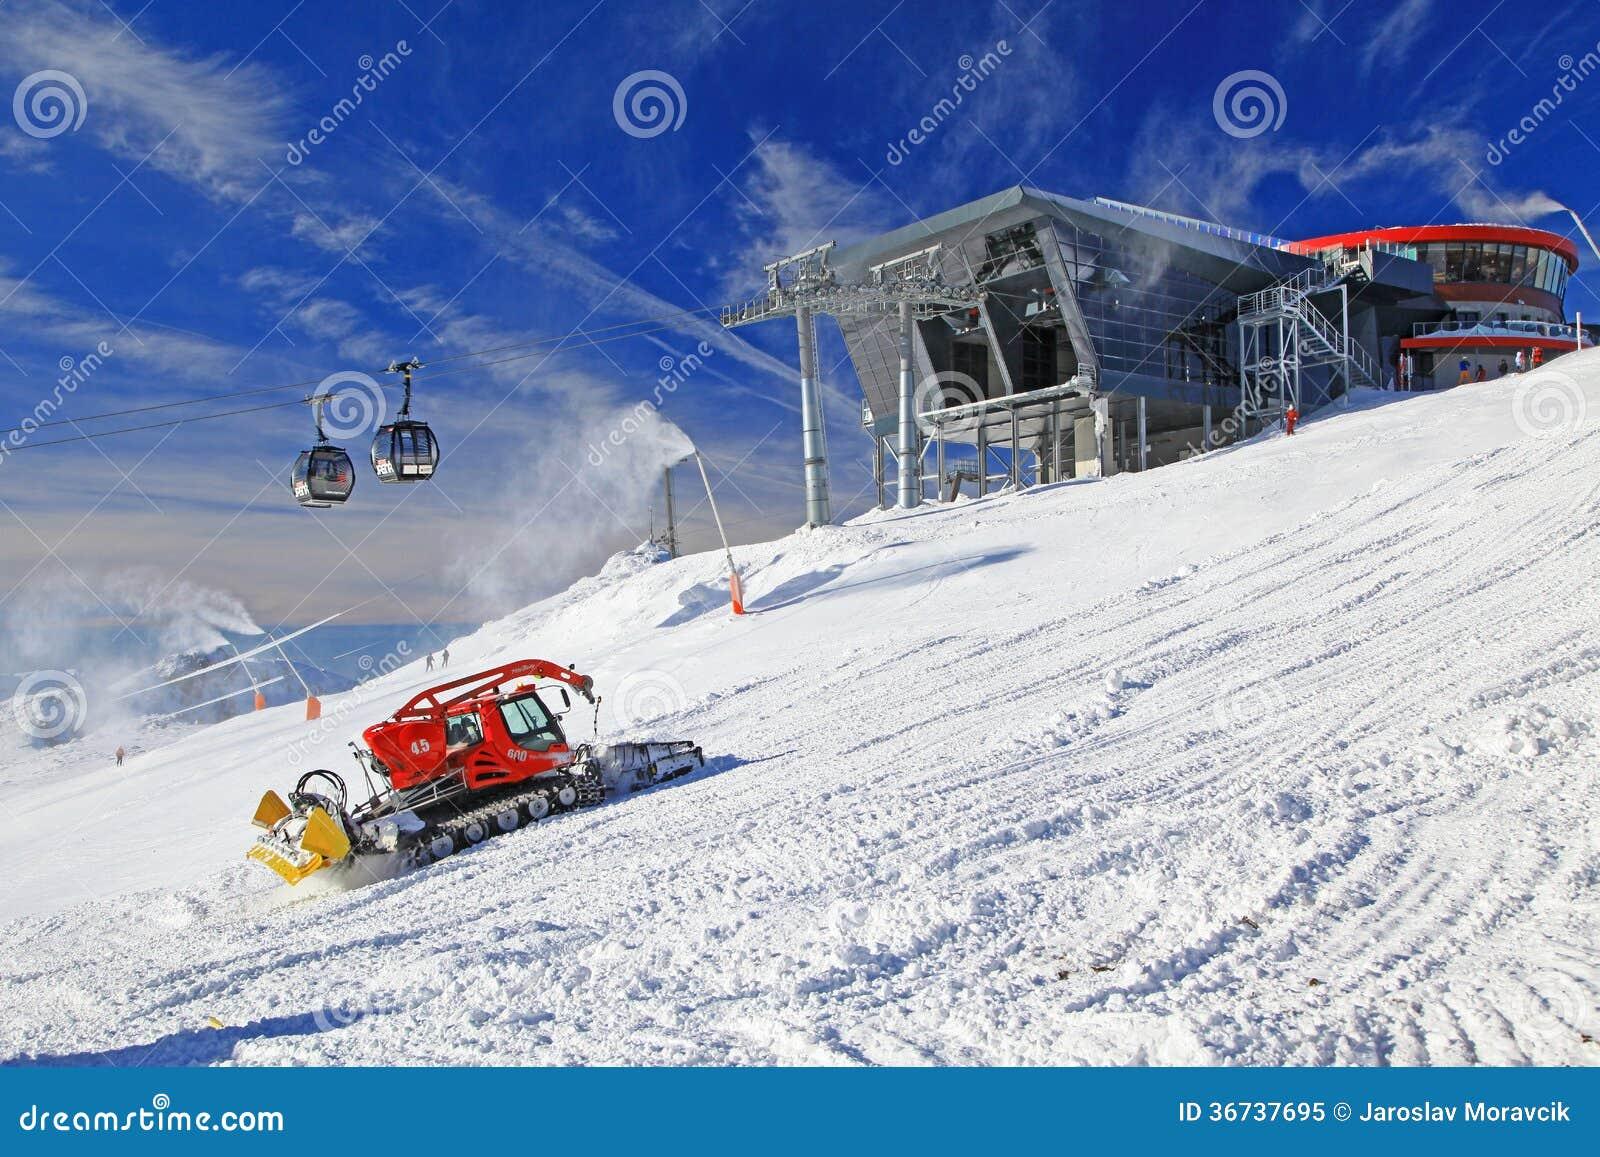 Mobile dog groomer cartoon vector for Moderne skihotels